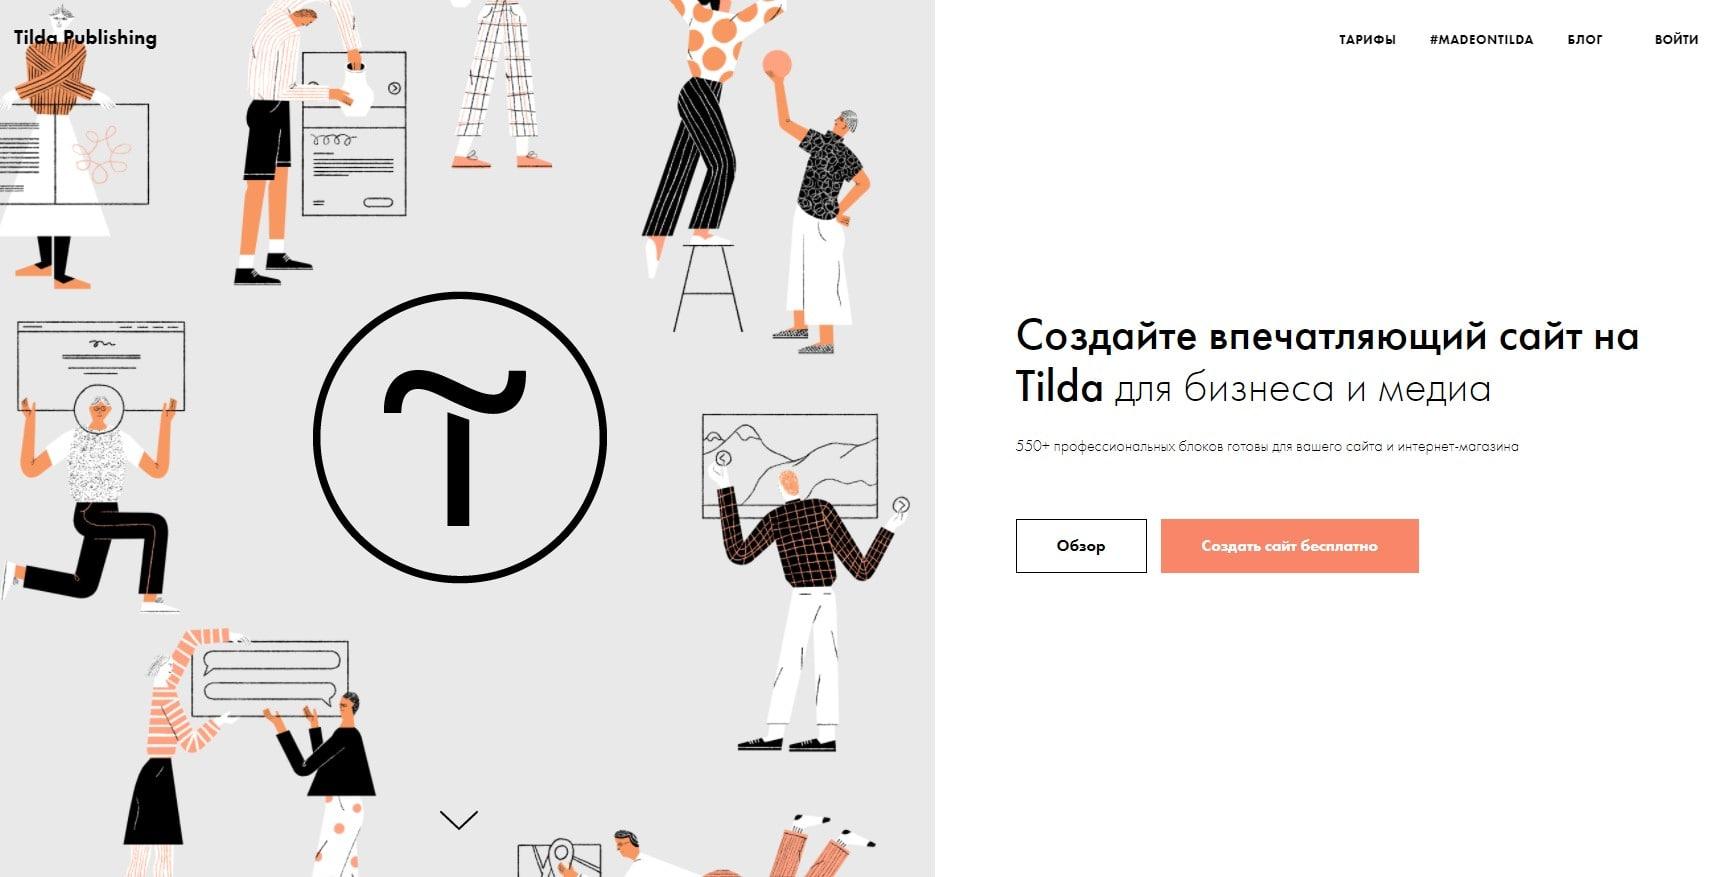 Tilda использует 2-D иллюстрации в своем дизайне